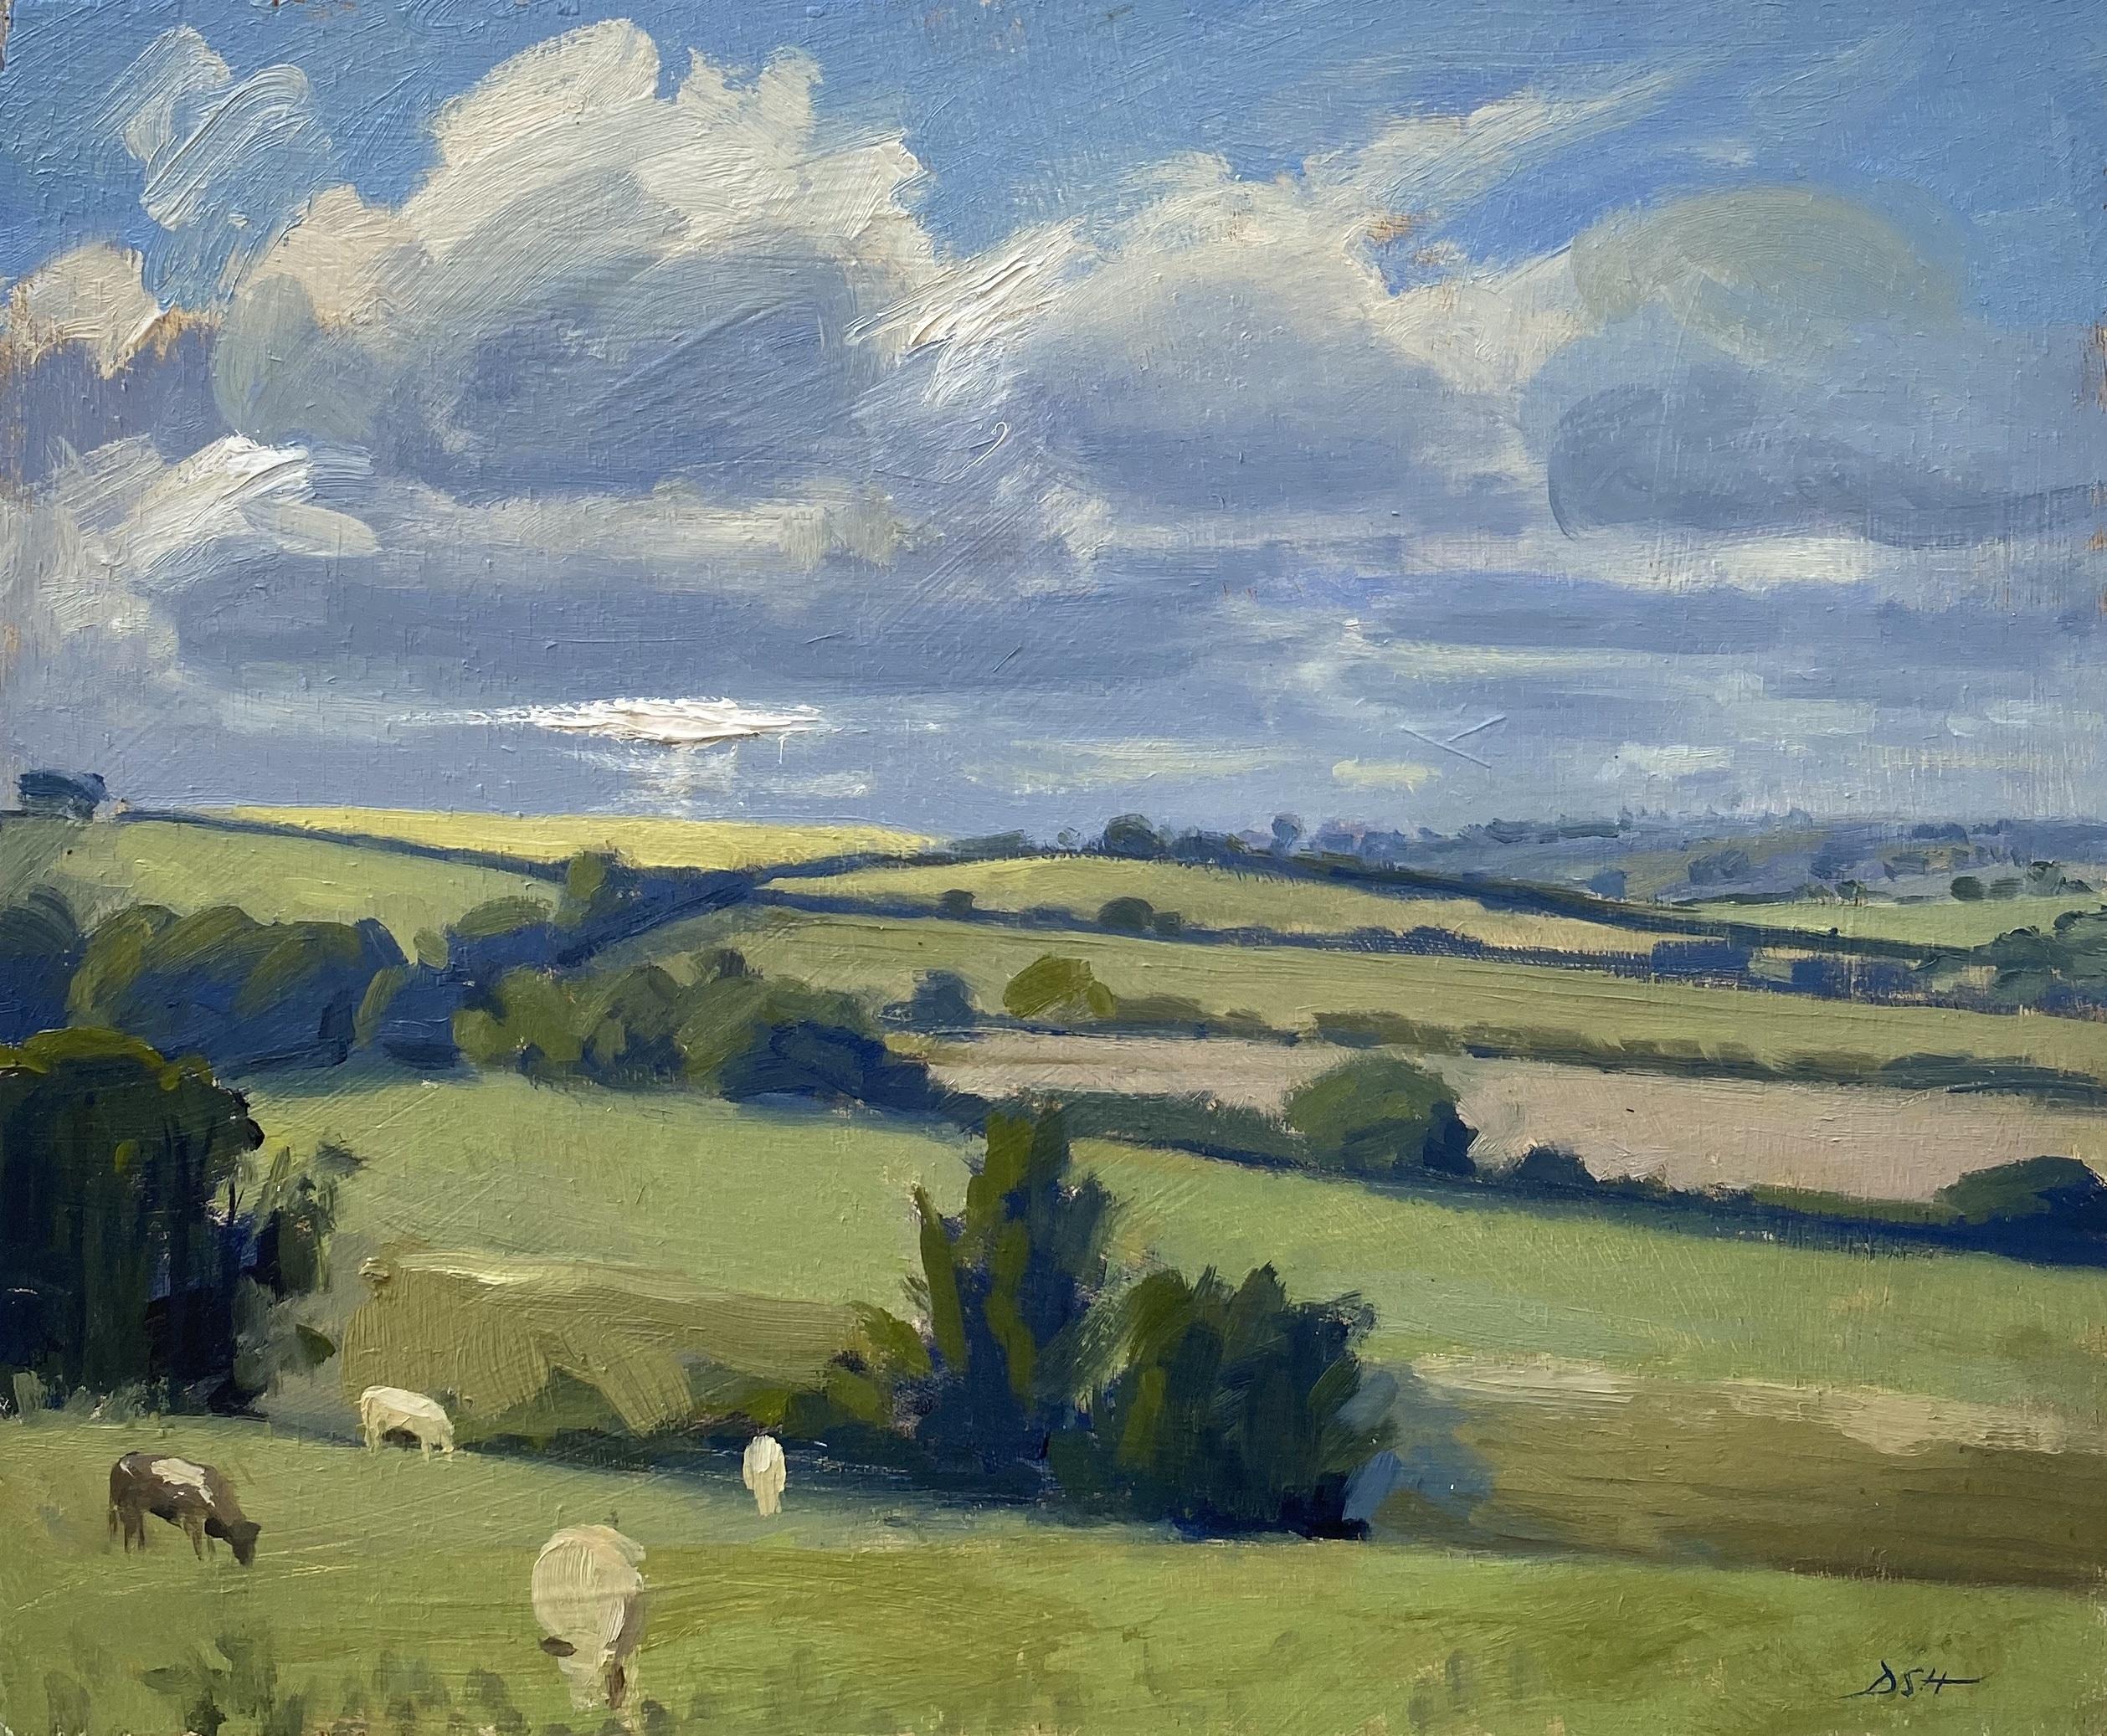 Evening light, cows grazing fields near Gerrans